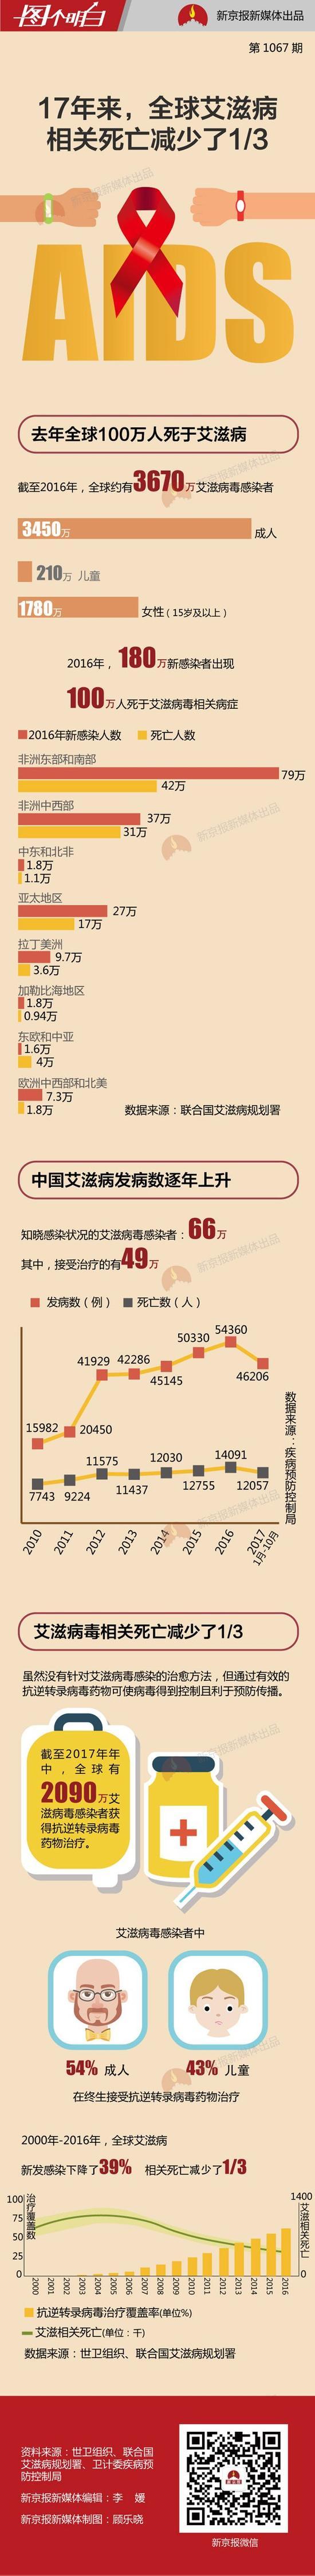 中国艾滋病人多吗_全球3670万人感染艾滋病 中国发病数是6年前3倍多|感染艾滋病 ...